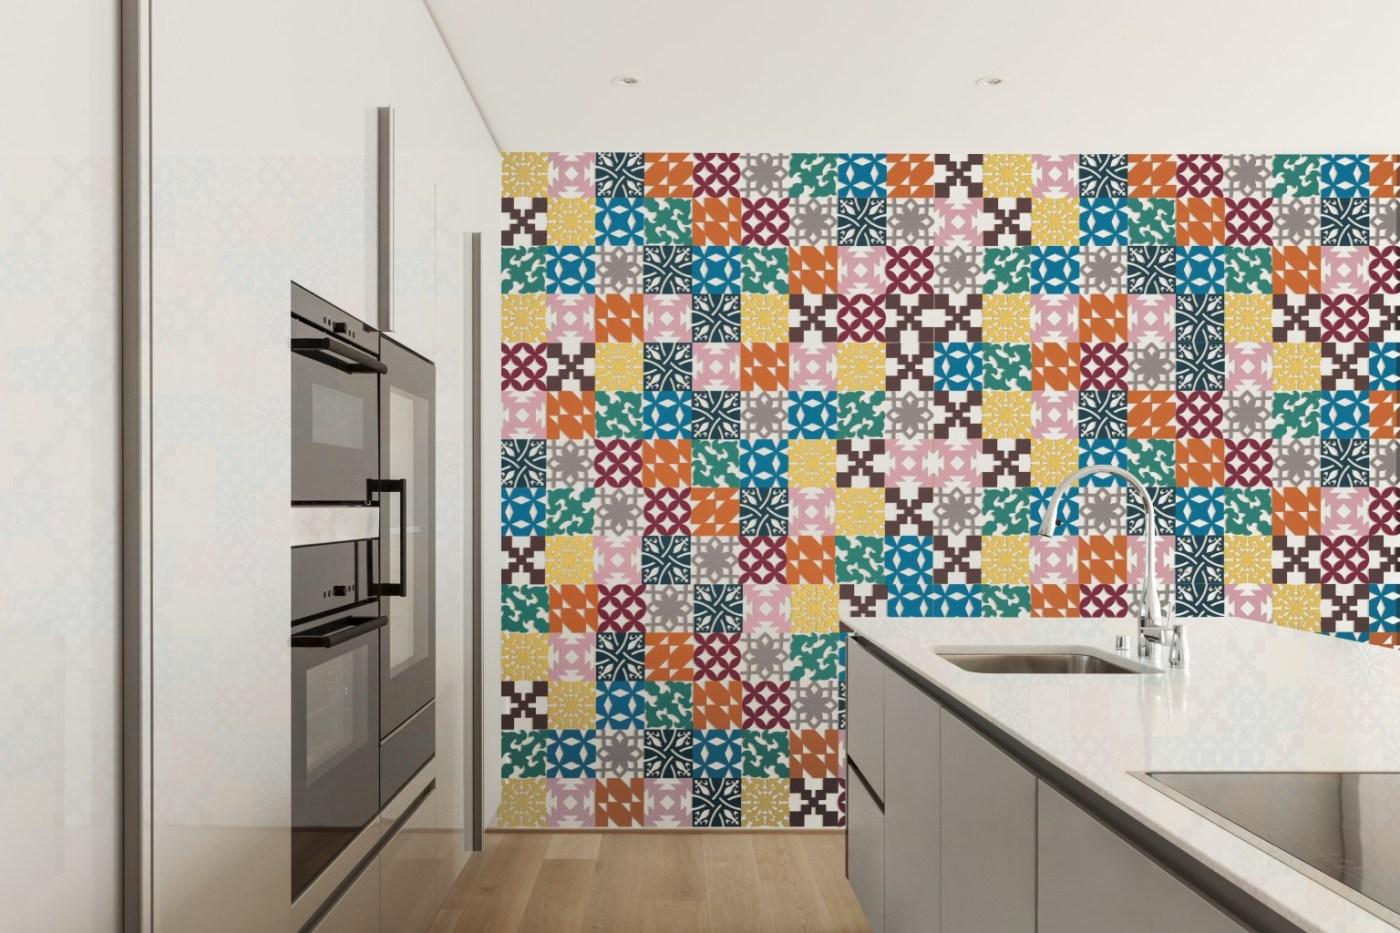 muratto_patchwork_tiles_mediterranean